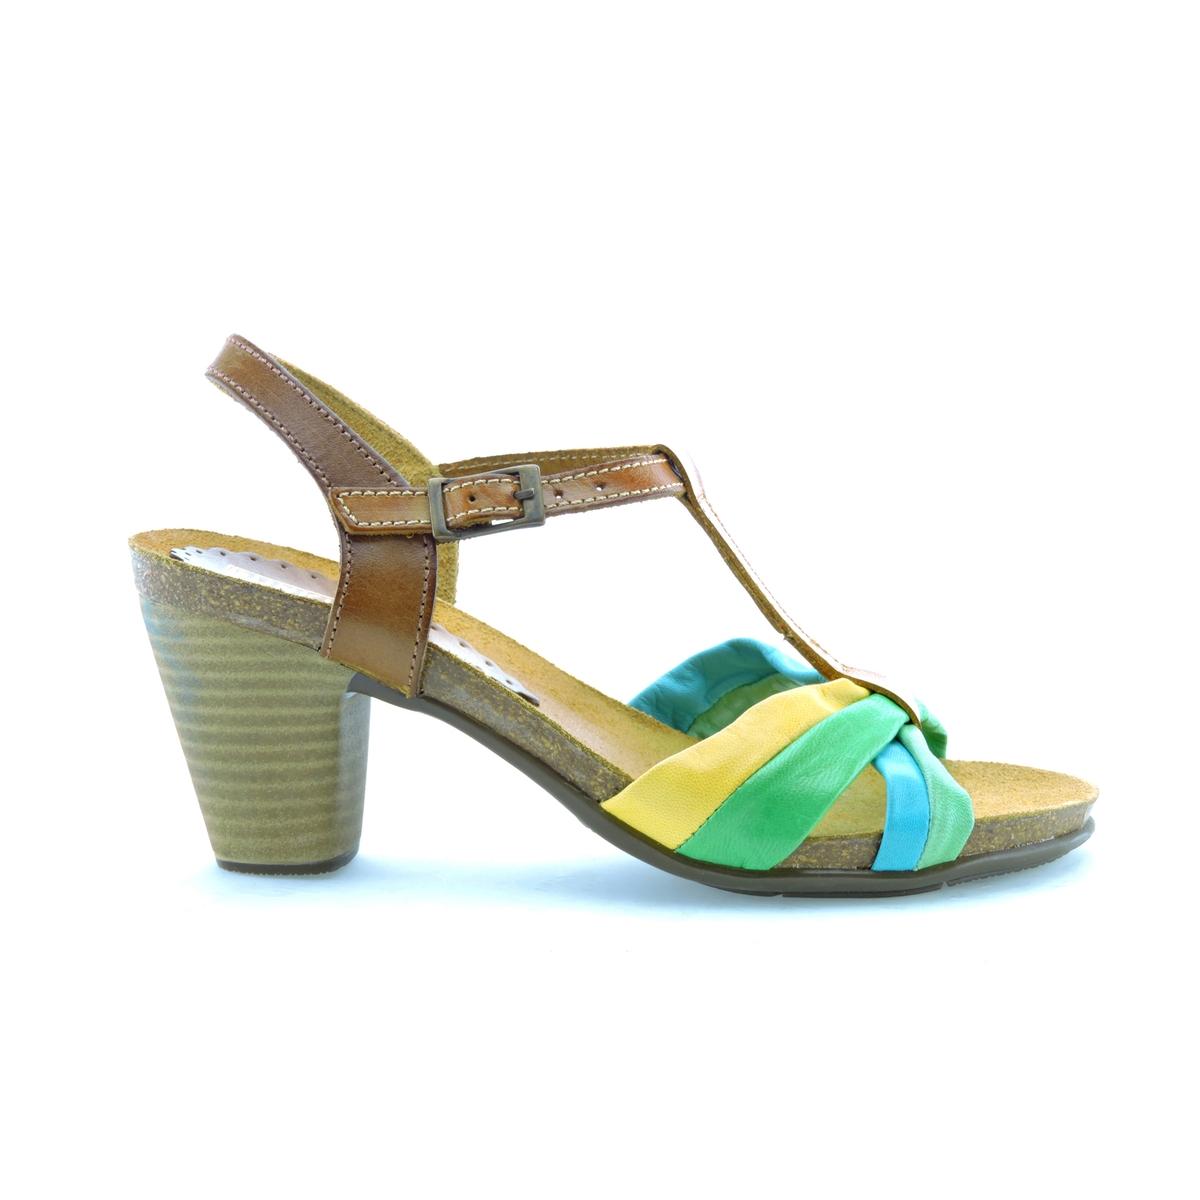 Босоножки кожаные LizВерх : кожа         Стелька : кожа         Подошва : эластомер         Высота каблука : 8 см         Форма каблука : квадратный каблук         Мысок : открытый мысок         Застежка : пряжка<br><br>Цвет: разноцветный